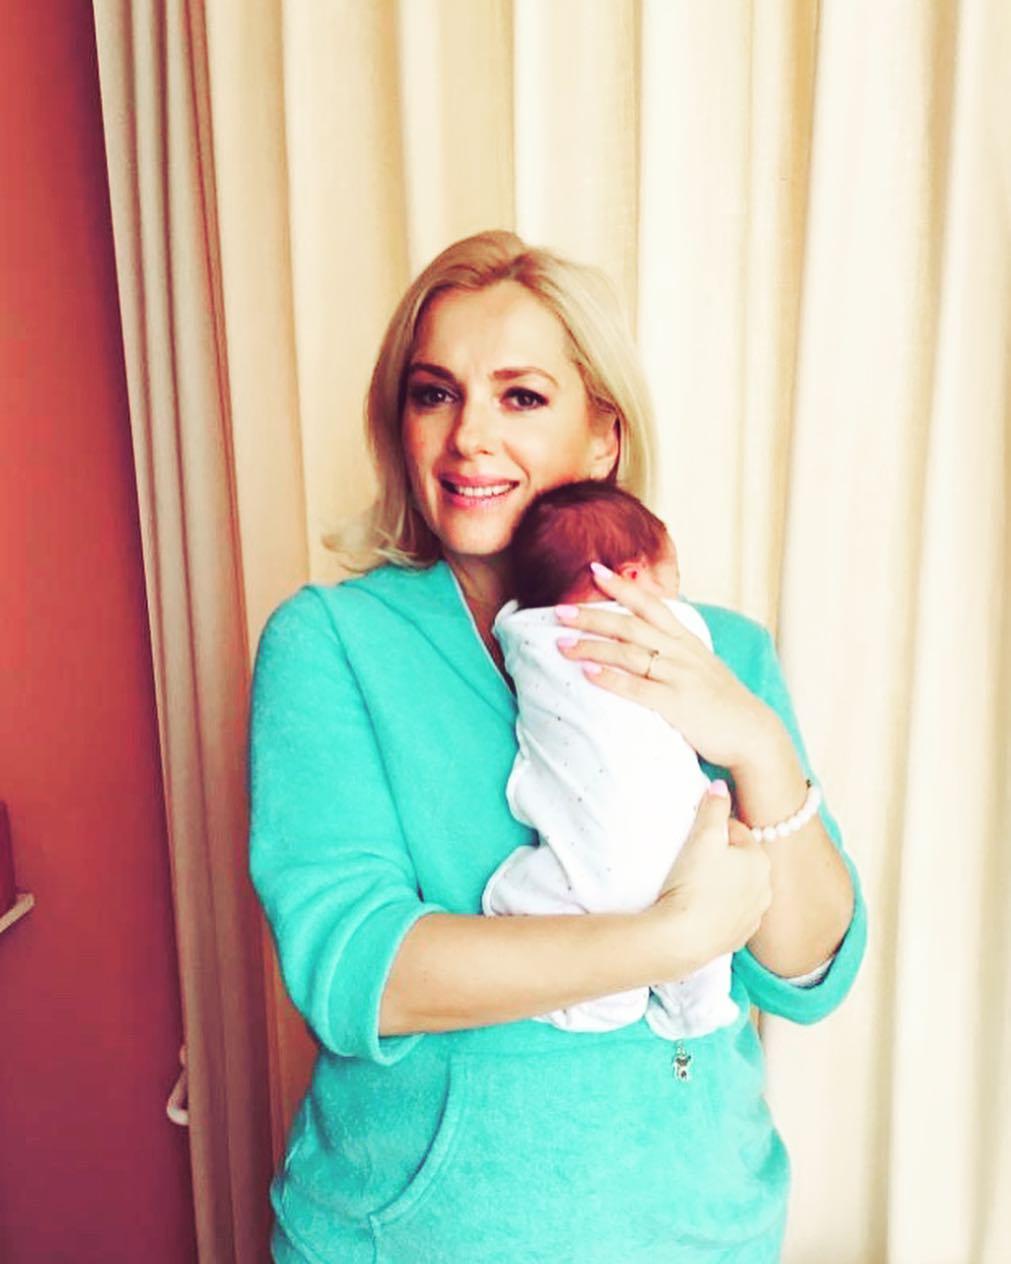 Мария Порошина вернулась домой из роддома с сыном. Интересно, кто встретил ее на выписке?